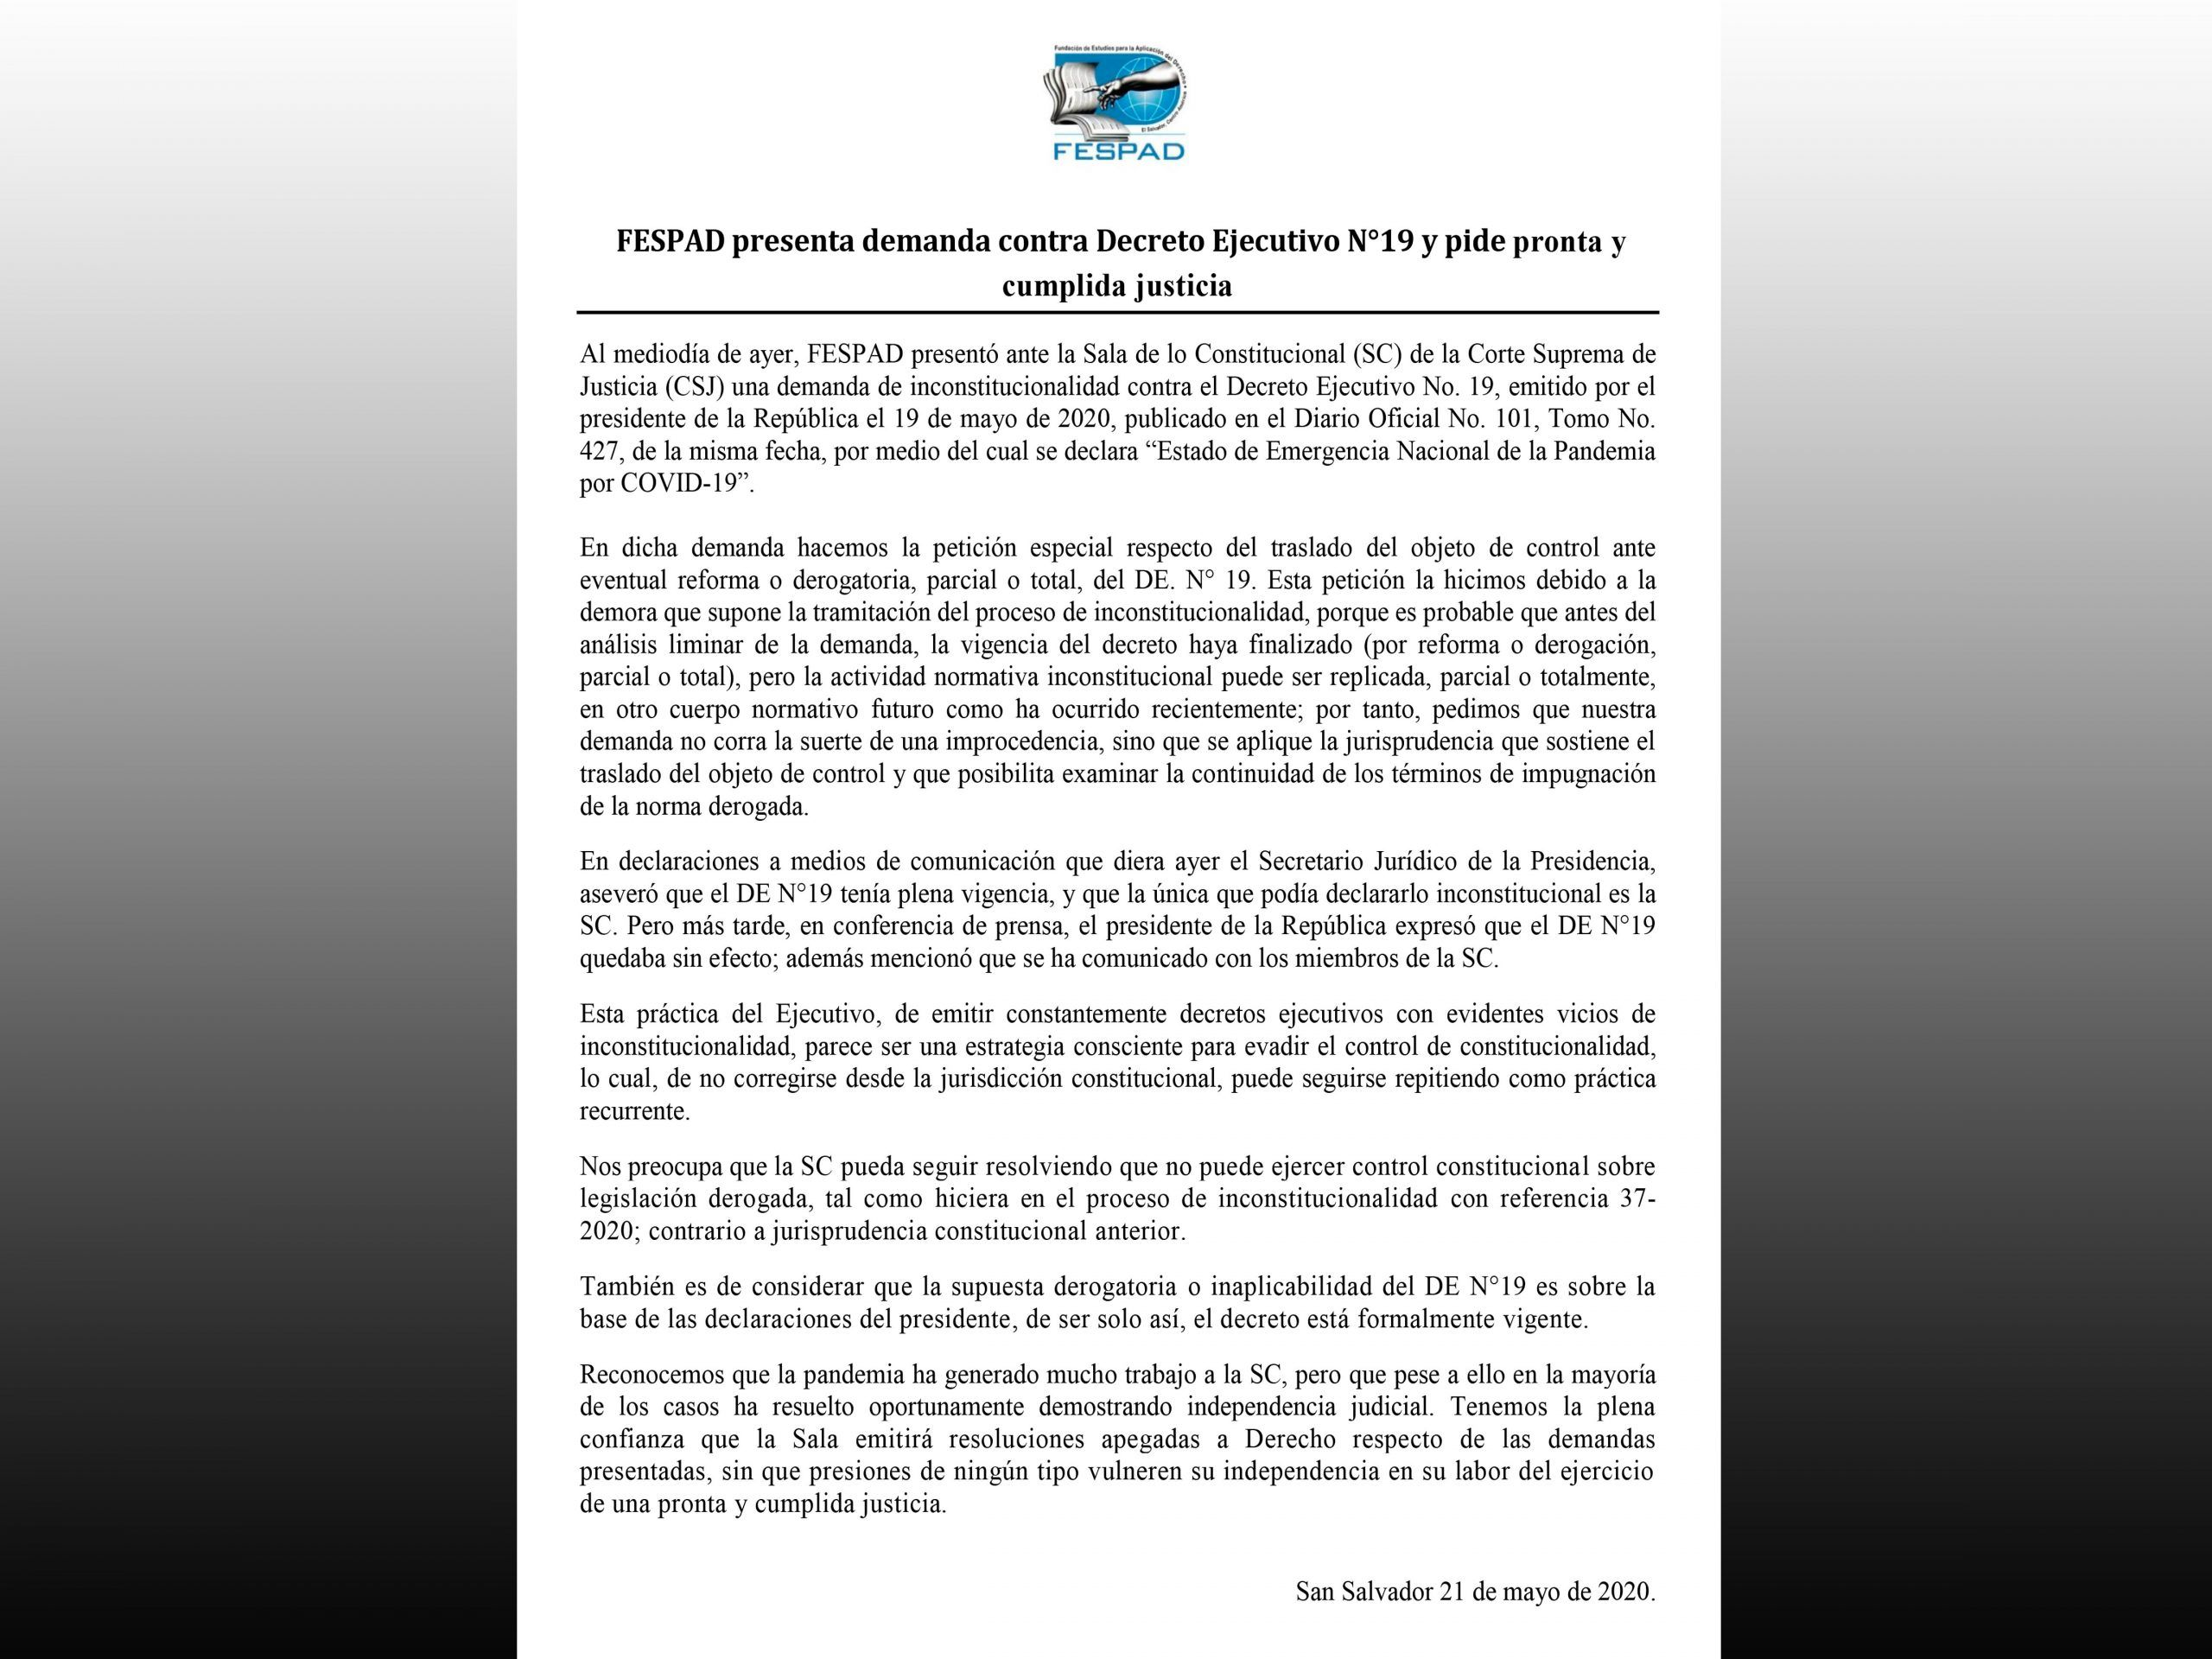 Comunicado: FESPAD presenta demanda contra DE 19 y pide pronta y cumplida justicia